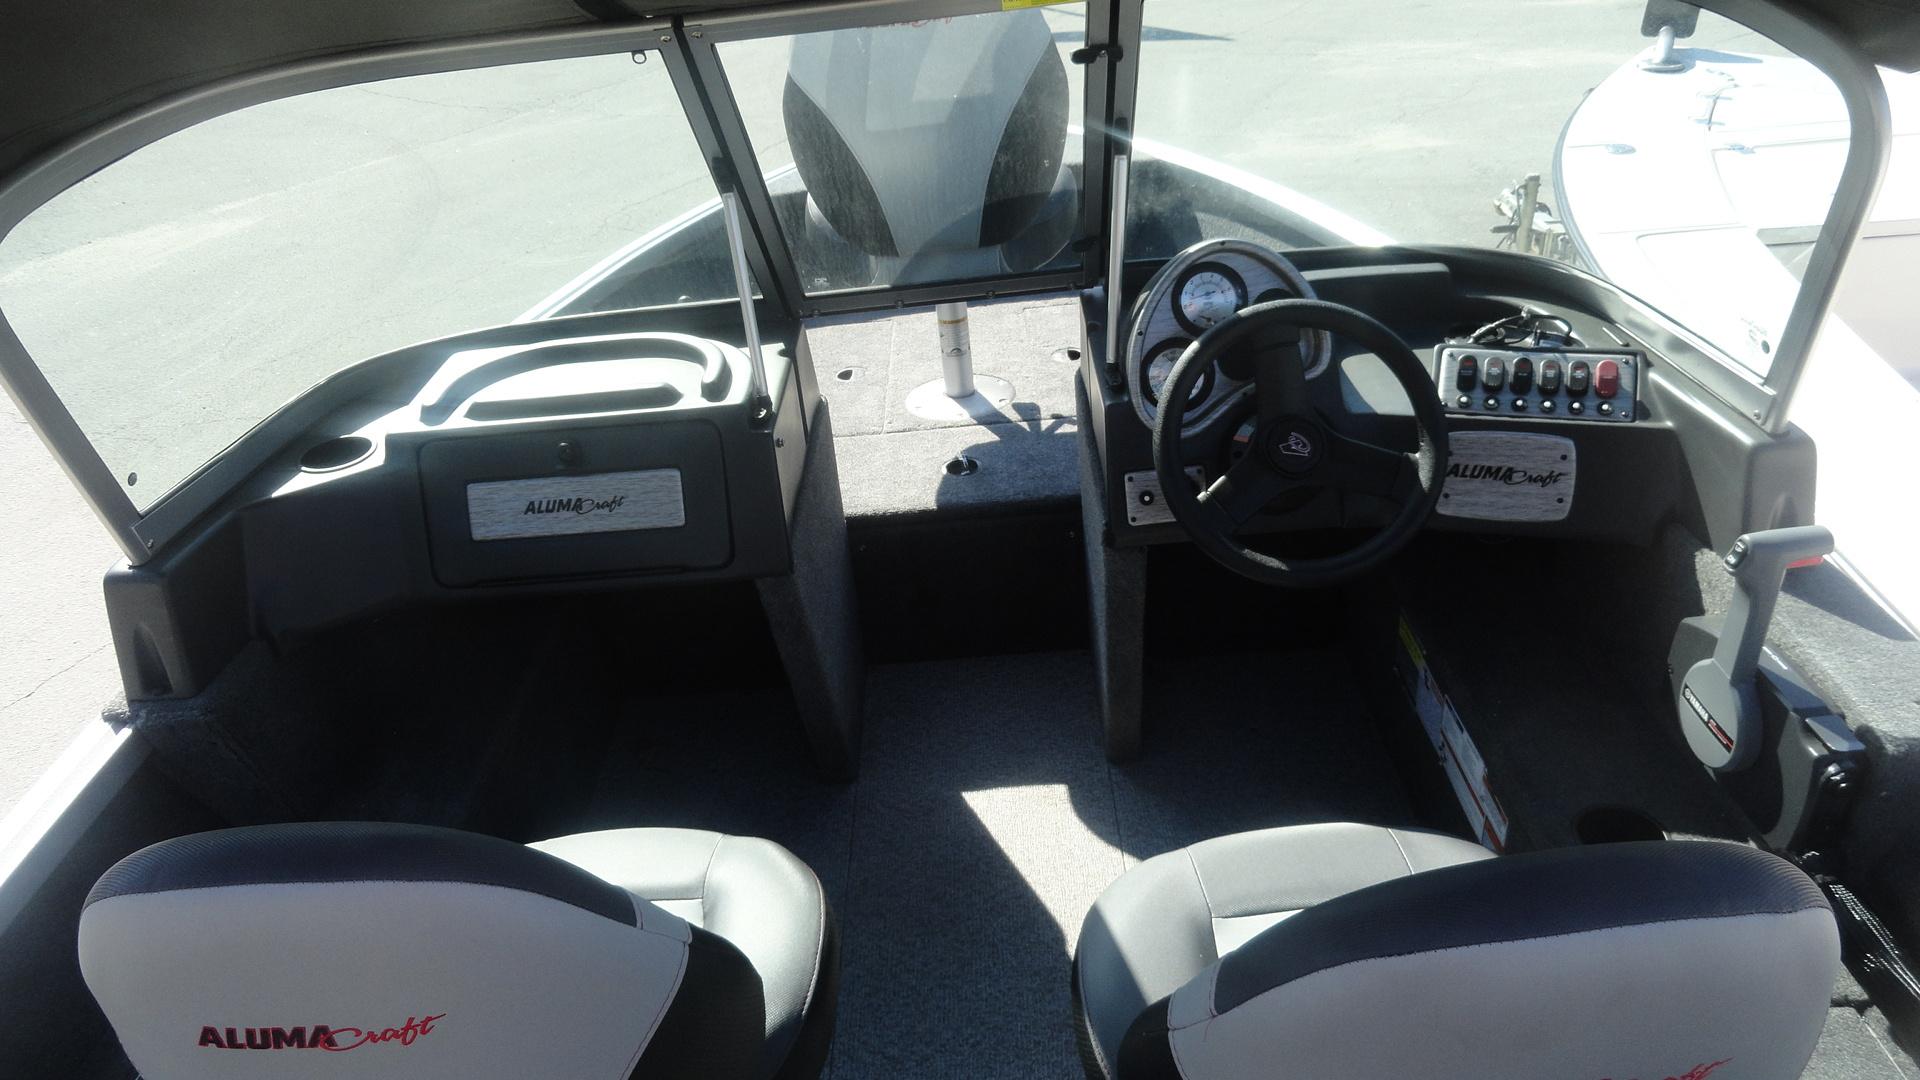 https://0201.nccdn.net/1_2/000/000/099/610/Przybylko--Inside-seats-and-front-1920x1080.jpg